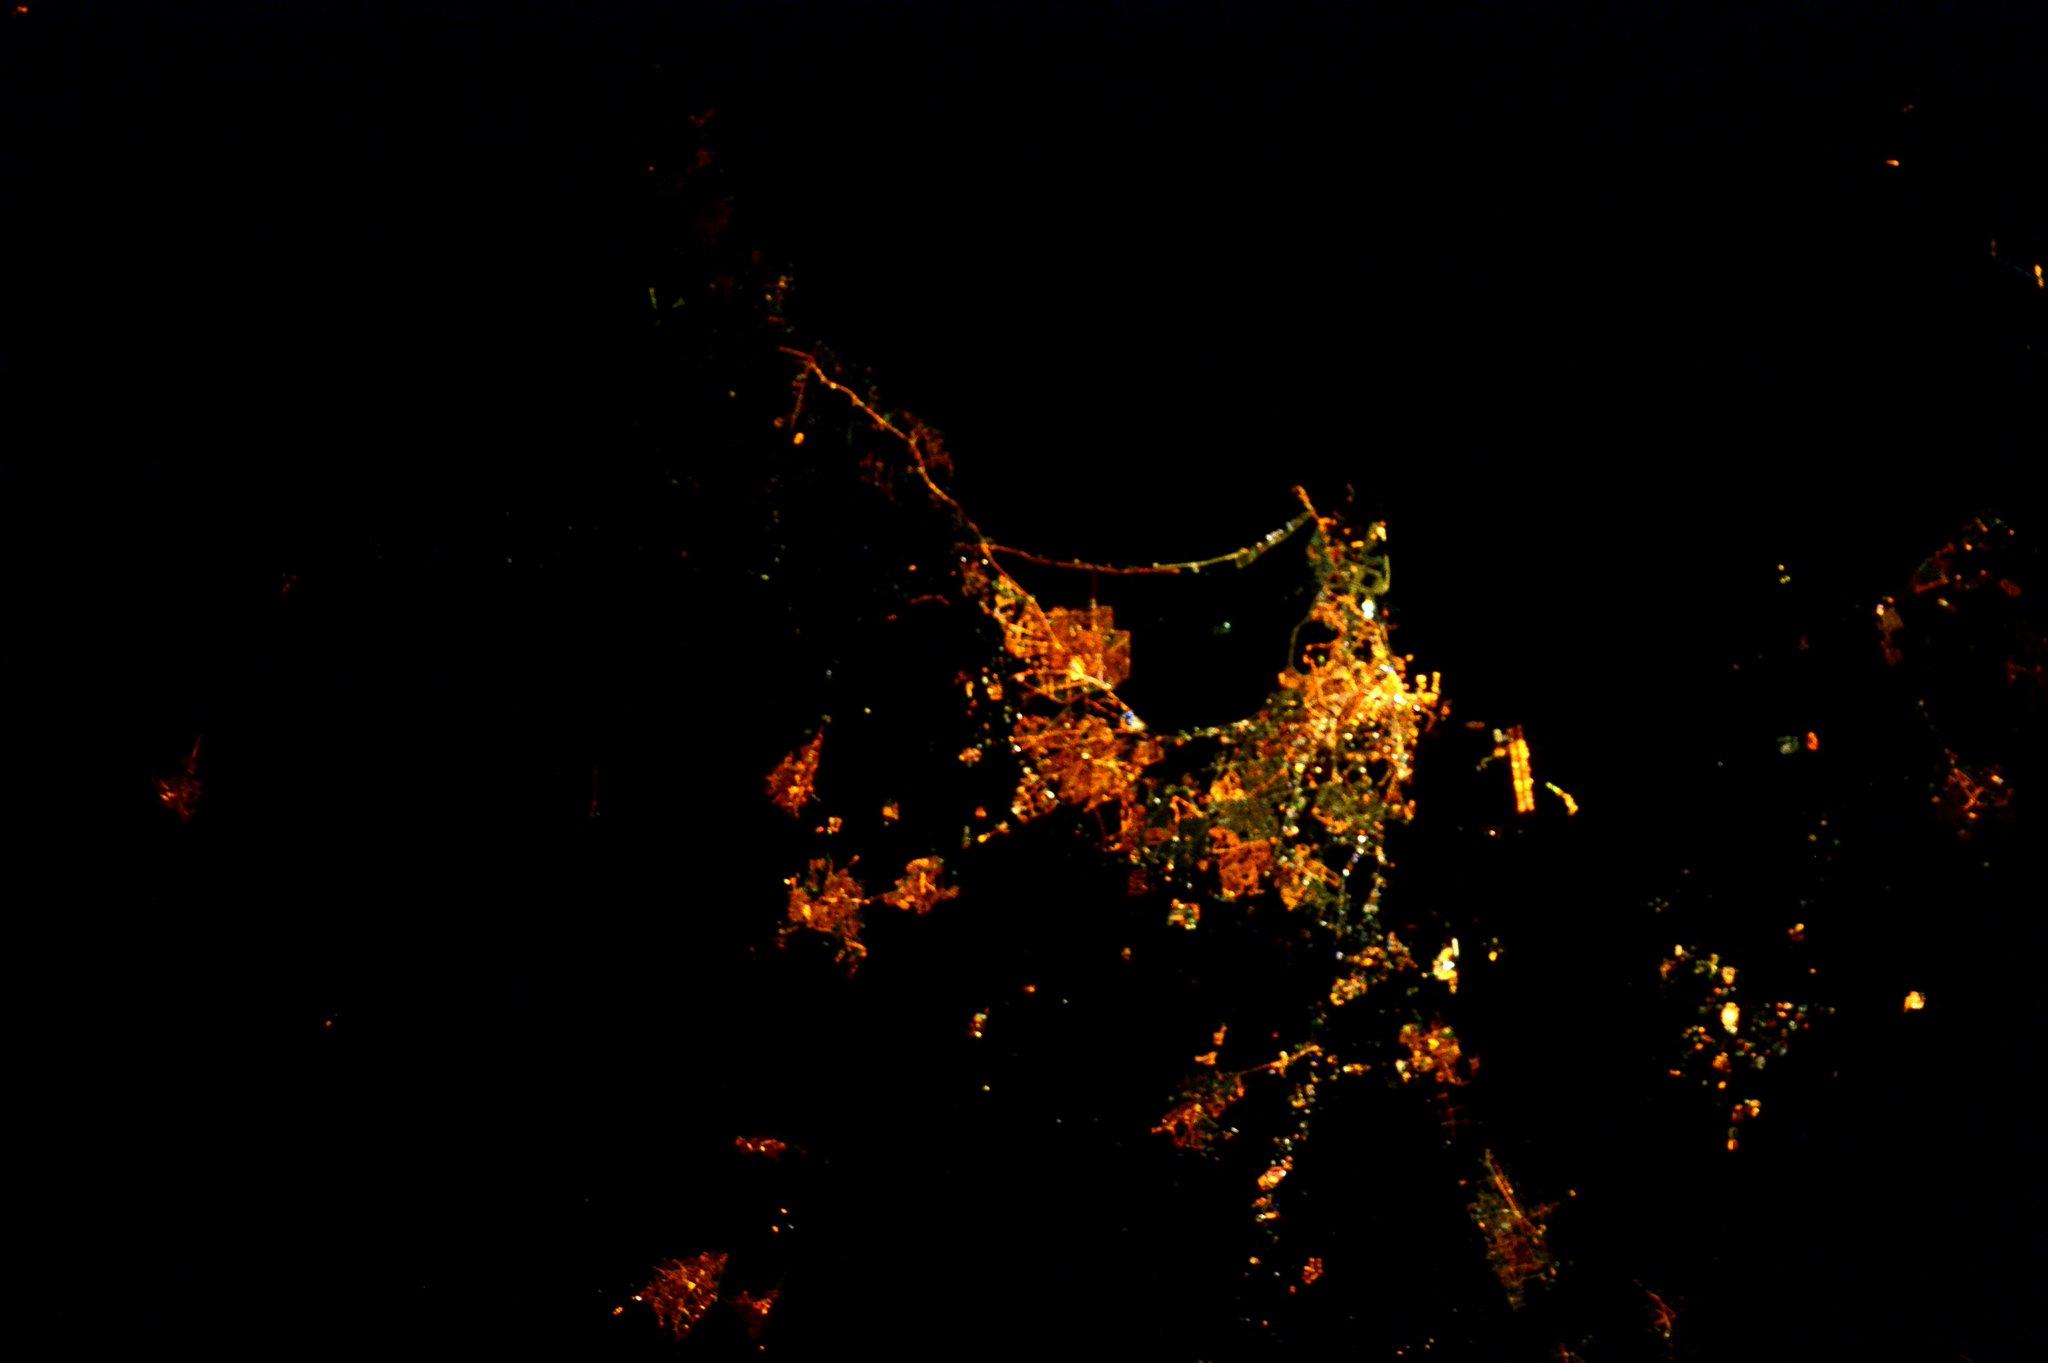 (IT) E questa è Cagliari di notte. Ho dei fantastici ricordi delle mie visite! http://t.co/Fa1NPRz5iP